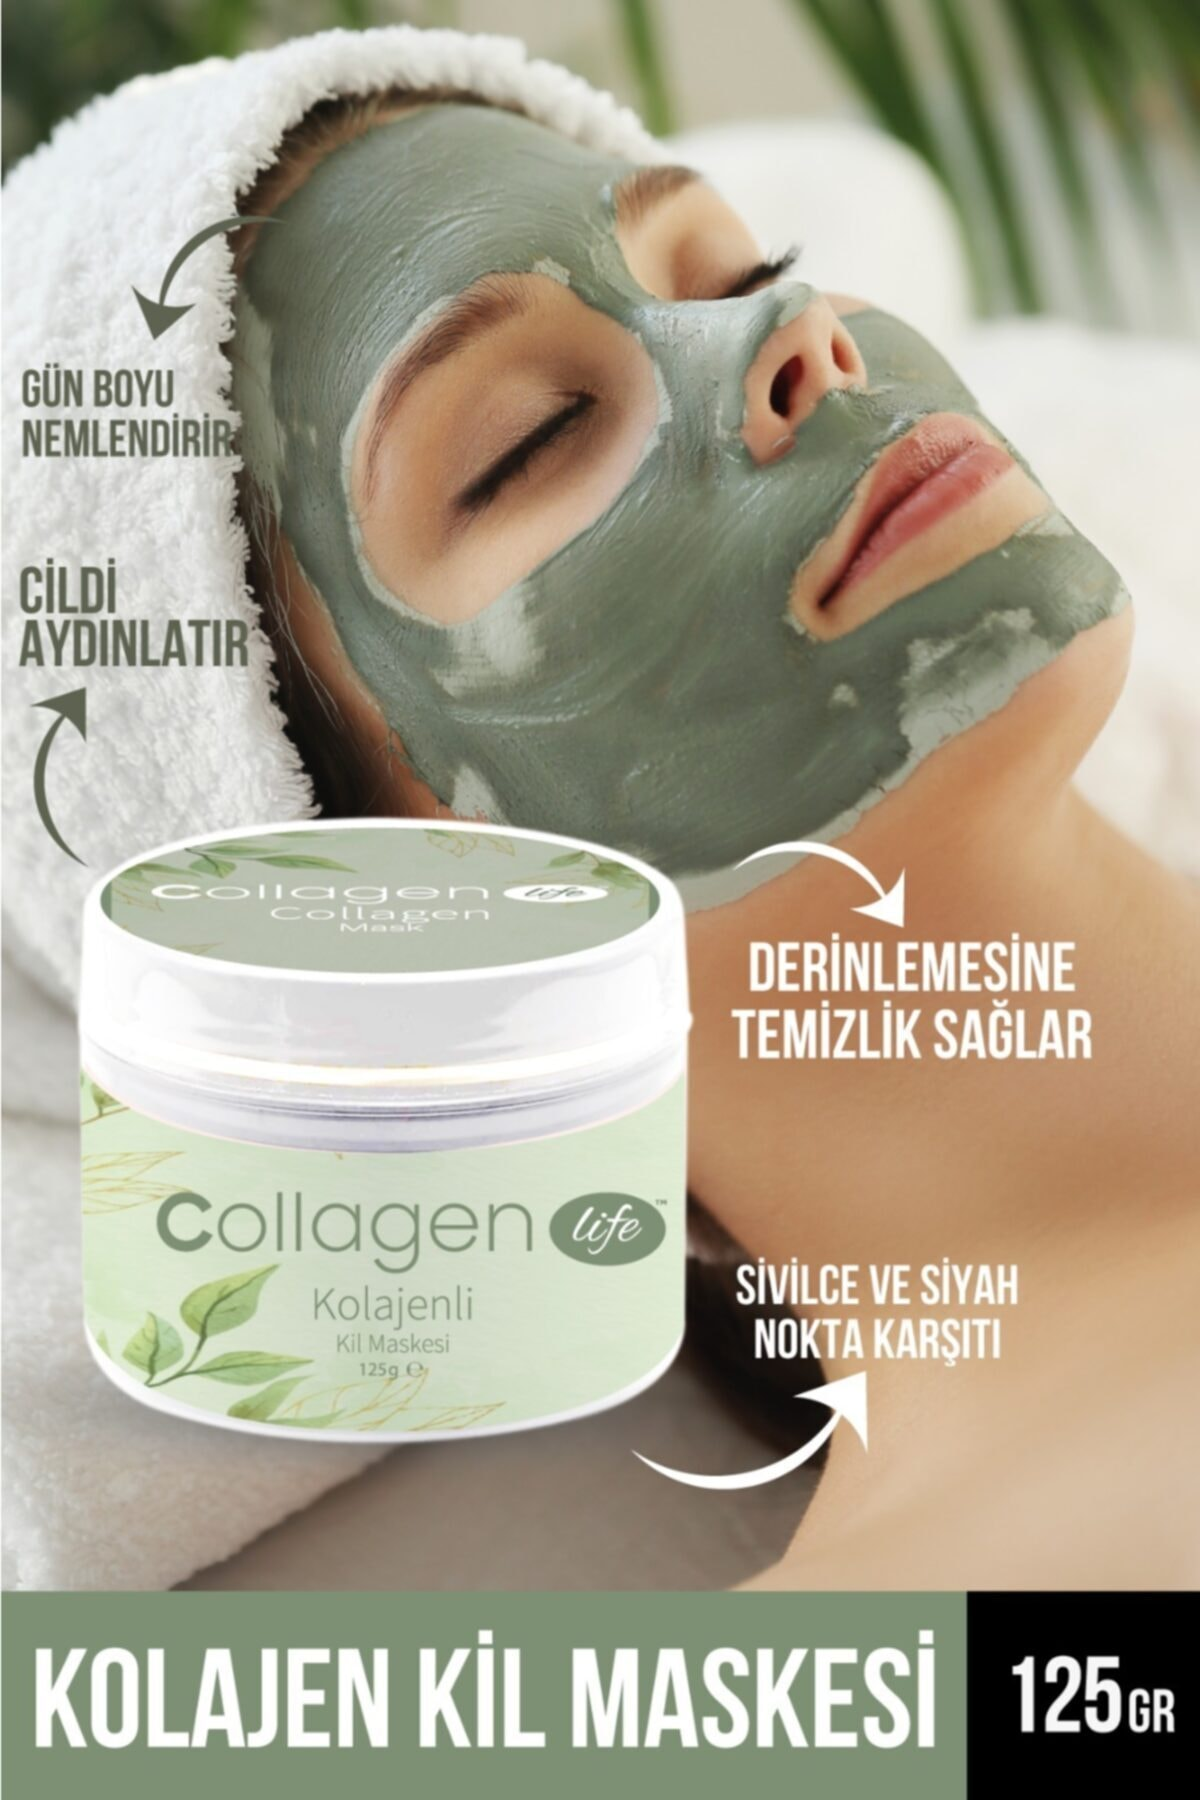 Collagen Lıfe Kolajen Kil Maskesi 125gr